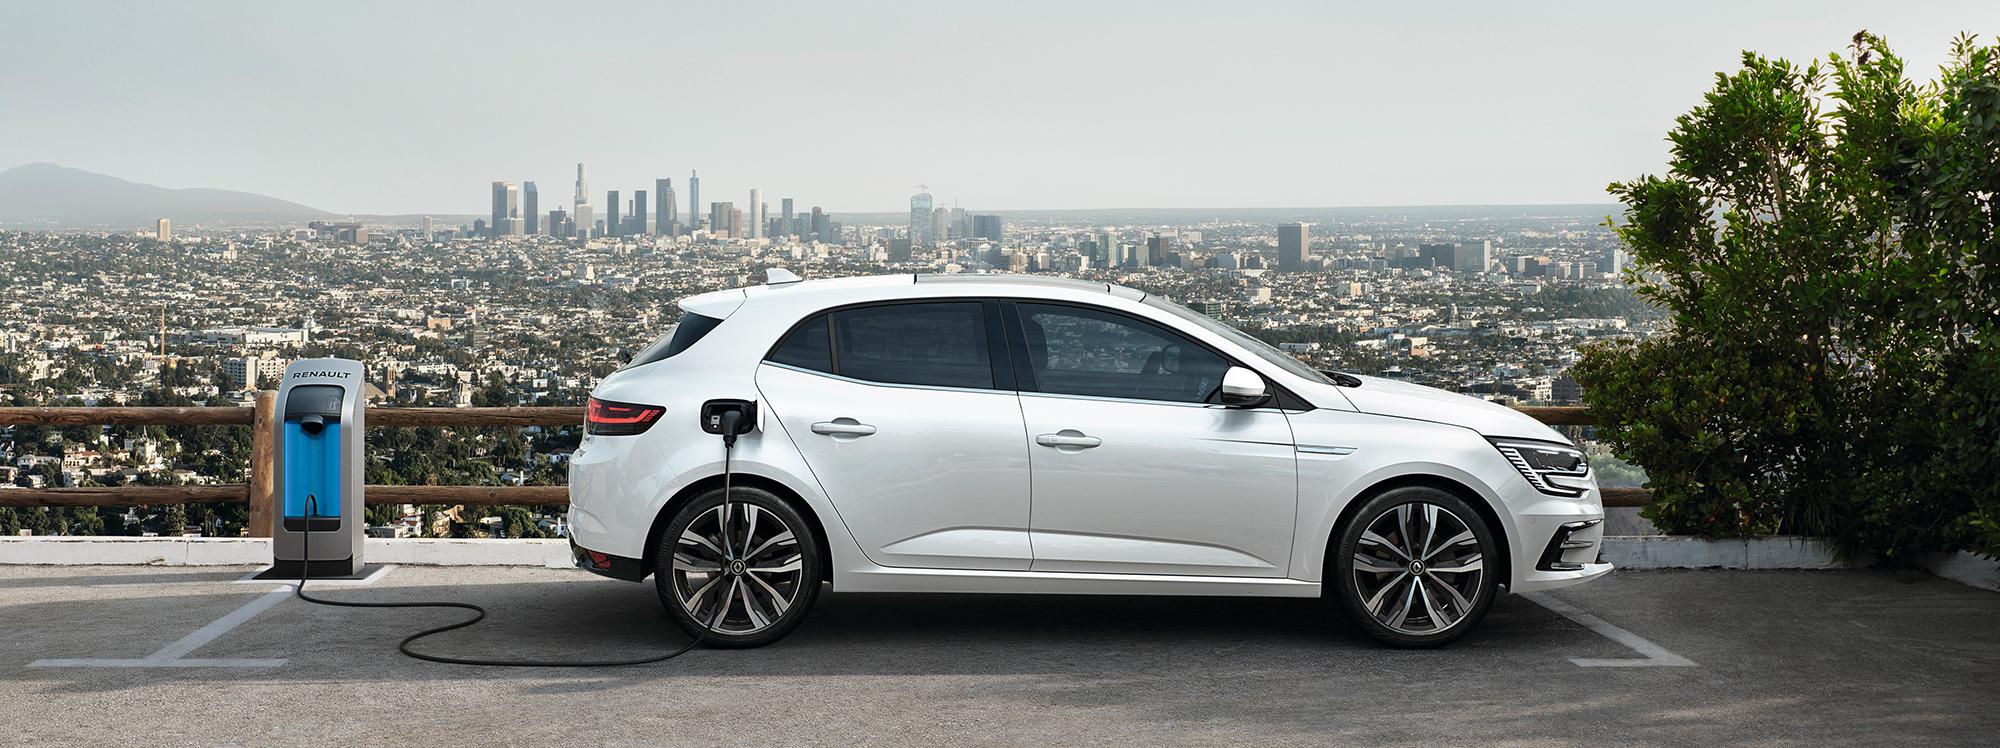 El nuevo híbrido de Renault ahorra hasta un 40% de combustible